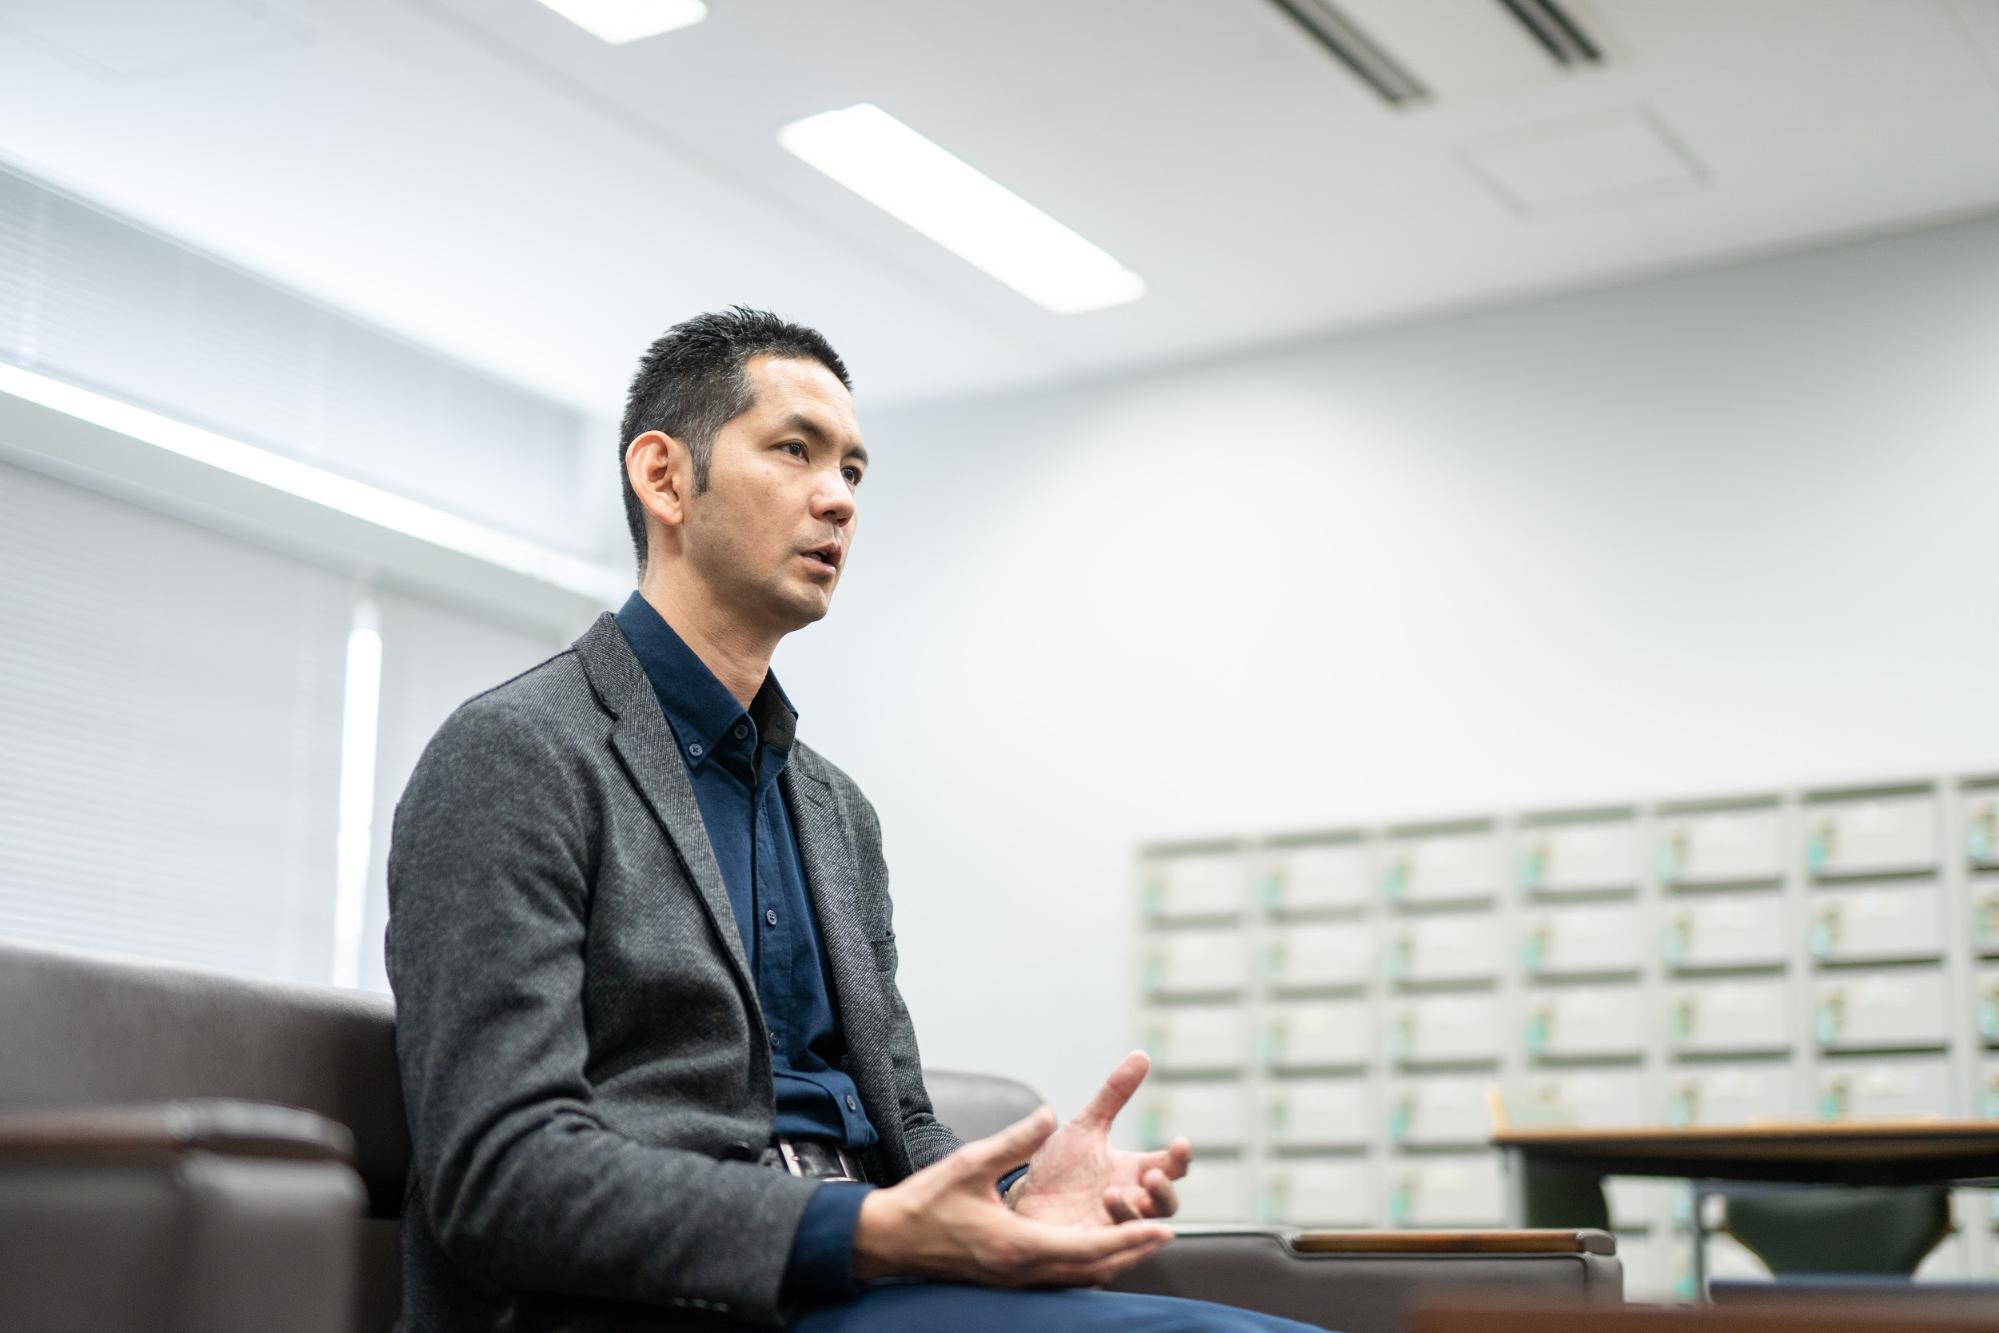 早稲田大学スポーツ科学学術院 教授/なでしこジャパンフィジカルコーチ 広瀬統一氏